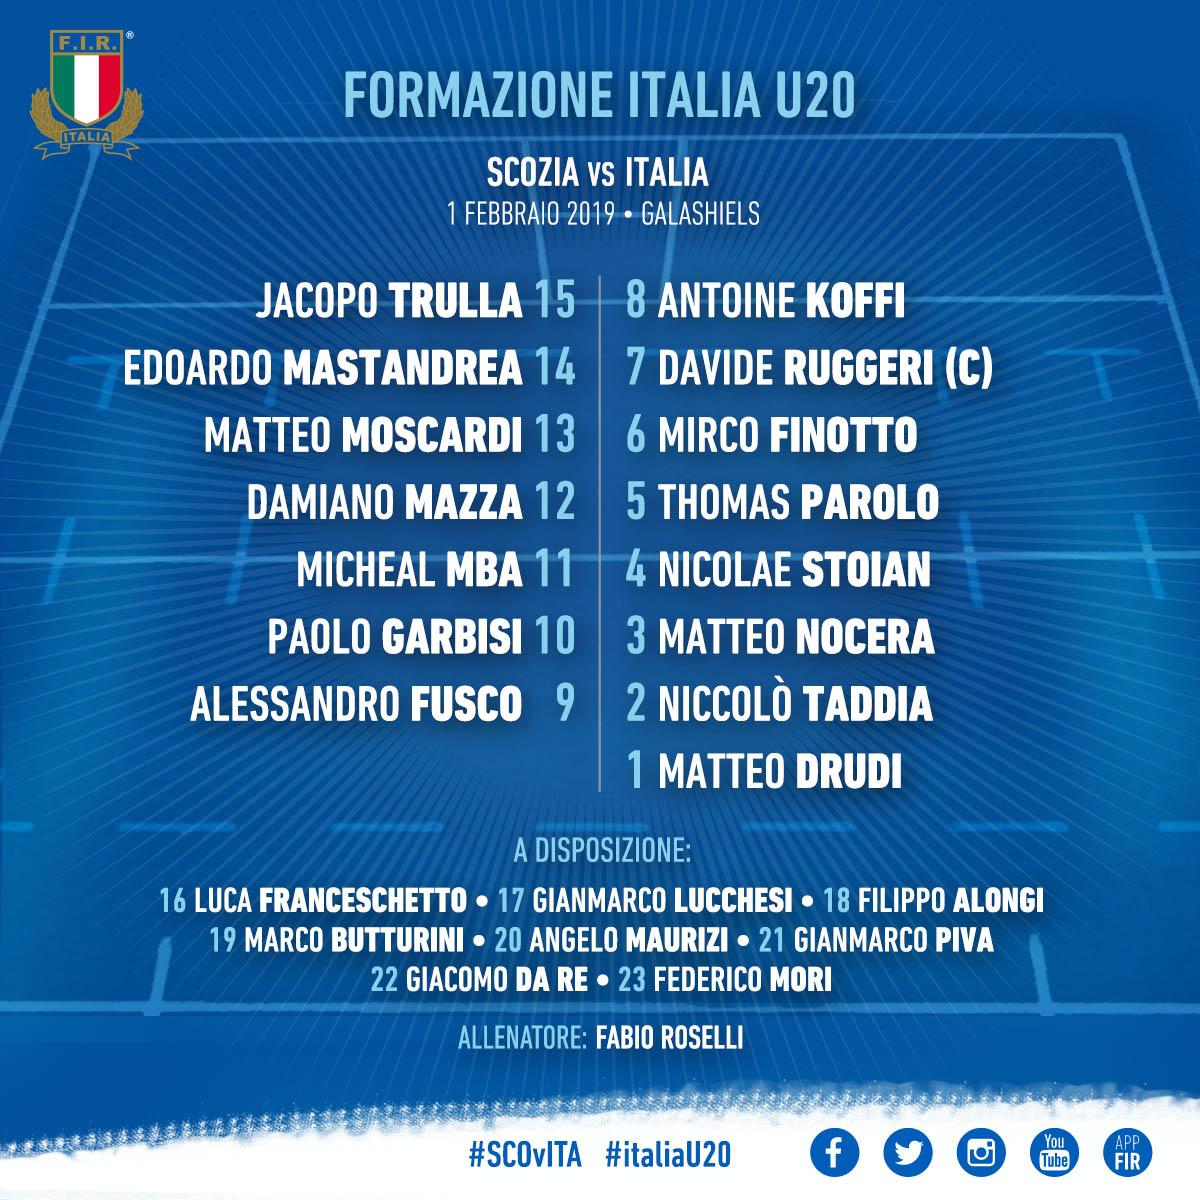 scozia italia u20 formazione